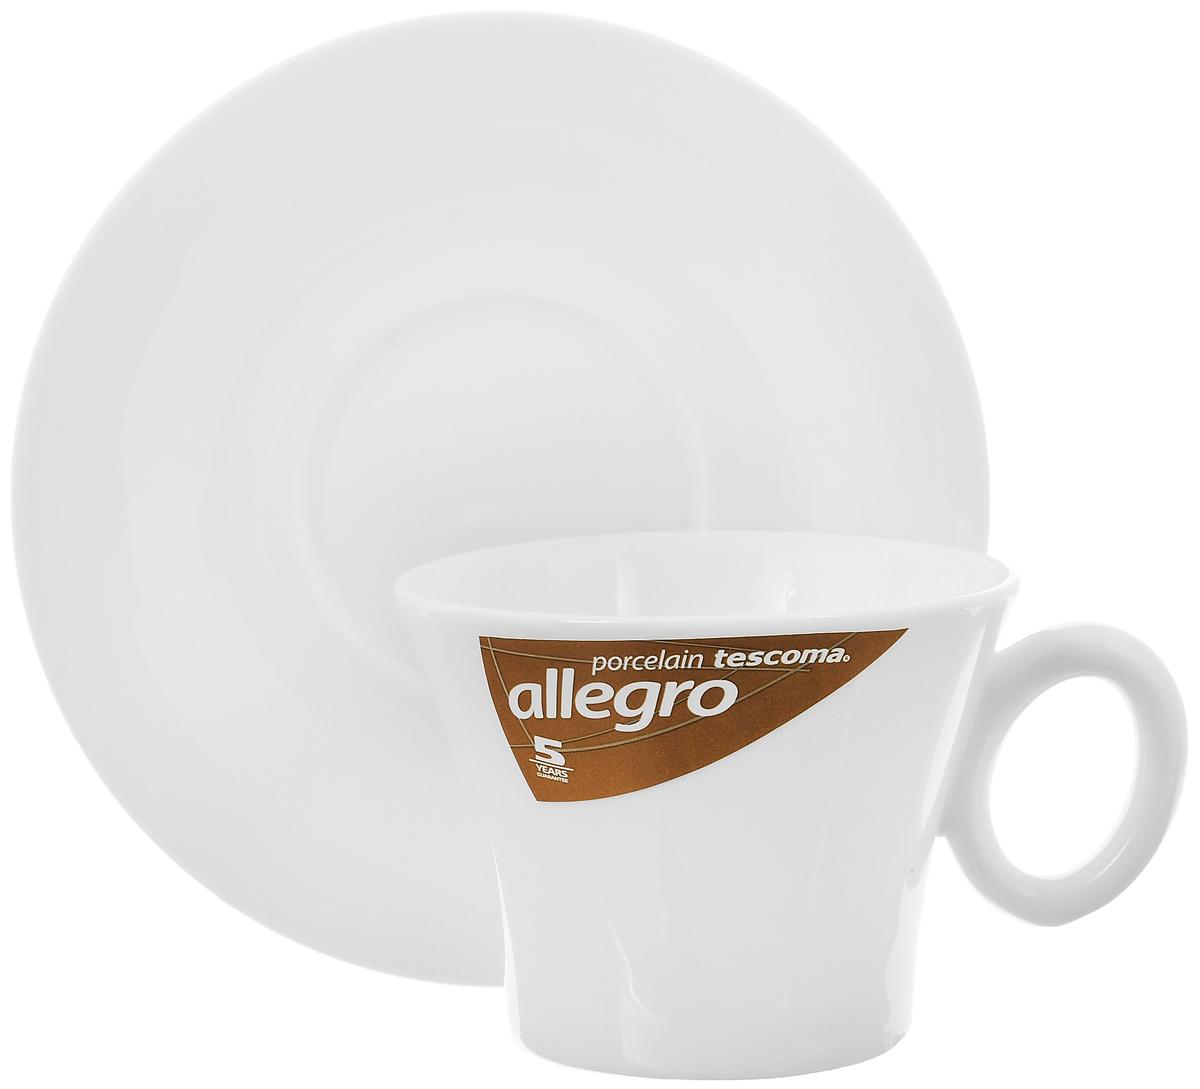 Кофейная пара Tescoma Allegro, цвет: белый, 2 предмета387522Кофейная пара Tescoma Allegro состоит из чашки и блюдца, изготовленных из высококачественного фарфора. Элегантный дизайн, несомненно, придется вам по вкусу. Кофейная пара Tescoma Allegro украсит ваш кухонный стол, а также станет замечательным подарком к любому празднику. Можно использовать в микроволновой печи, холодильнике и посудомоечной машине. Объем чашки: 200 мл. Диаметр чашки (по верхнему краю): 9 см. Диаметр основания чашки: 5,5 см. Высота чашки: 7 см. Диаметр блюдца: 15 см.